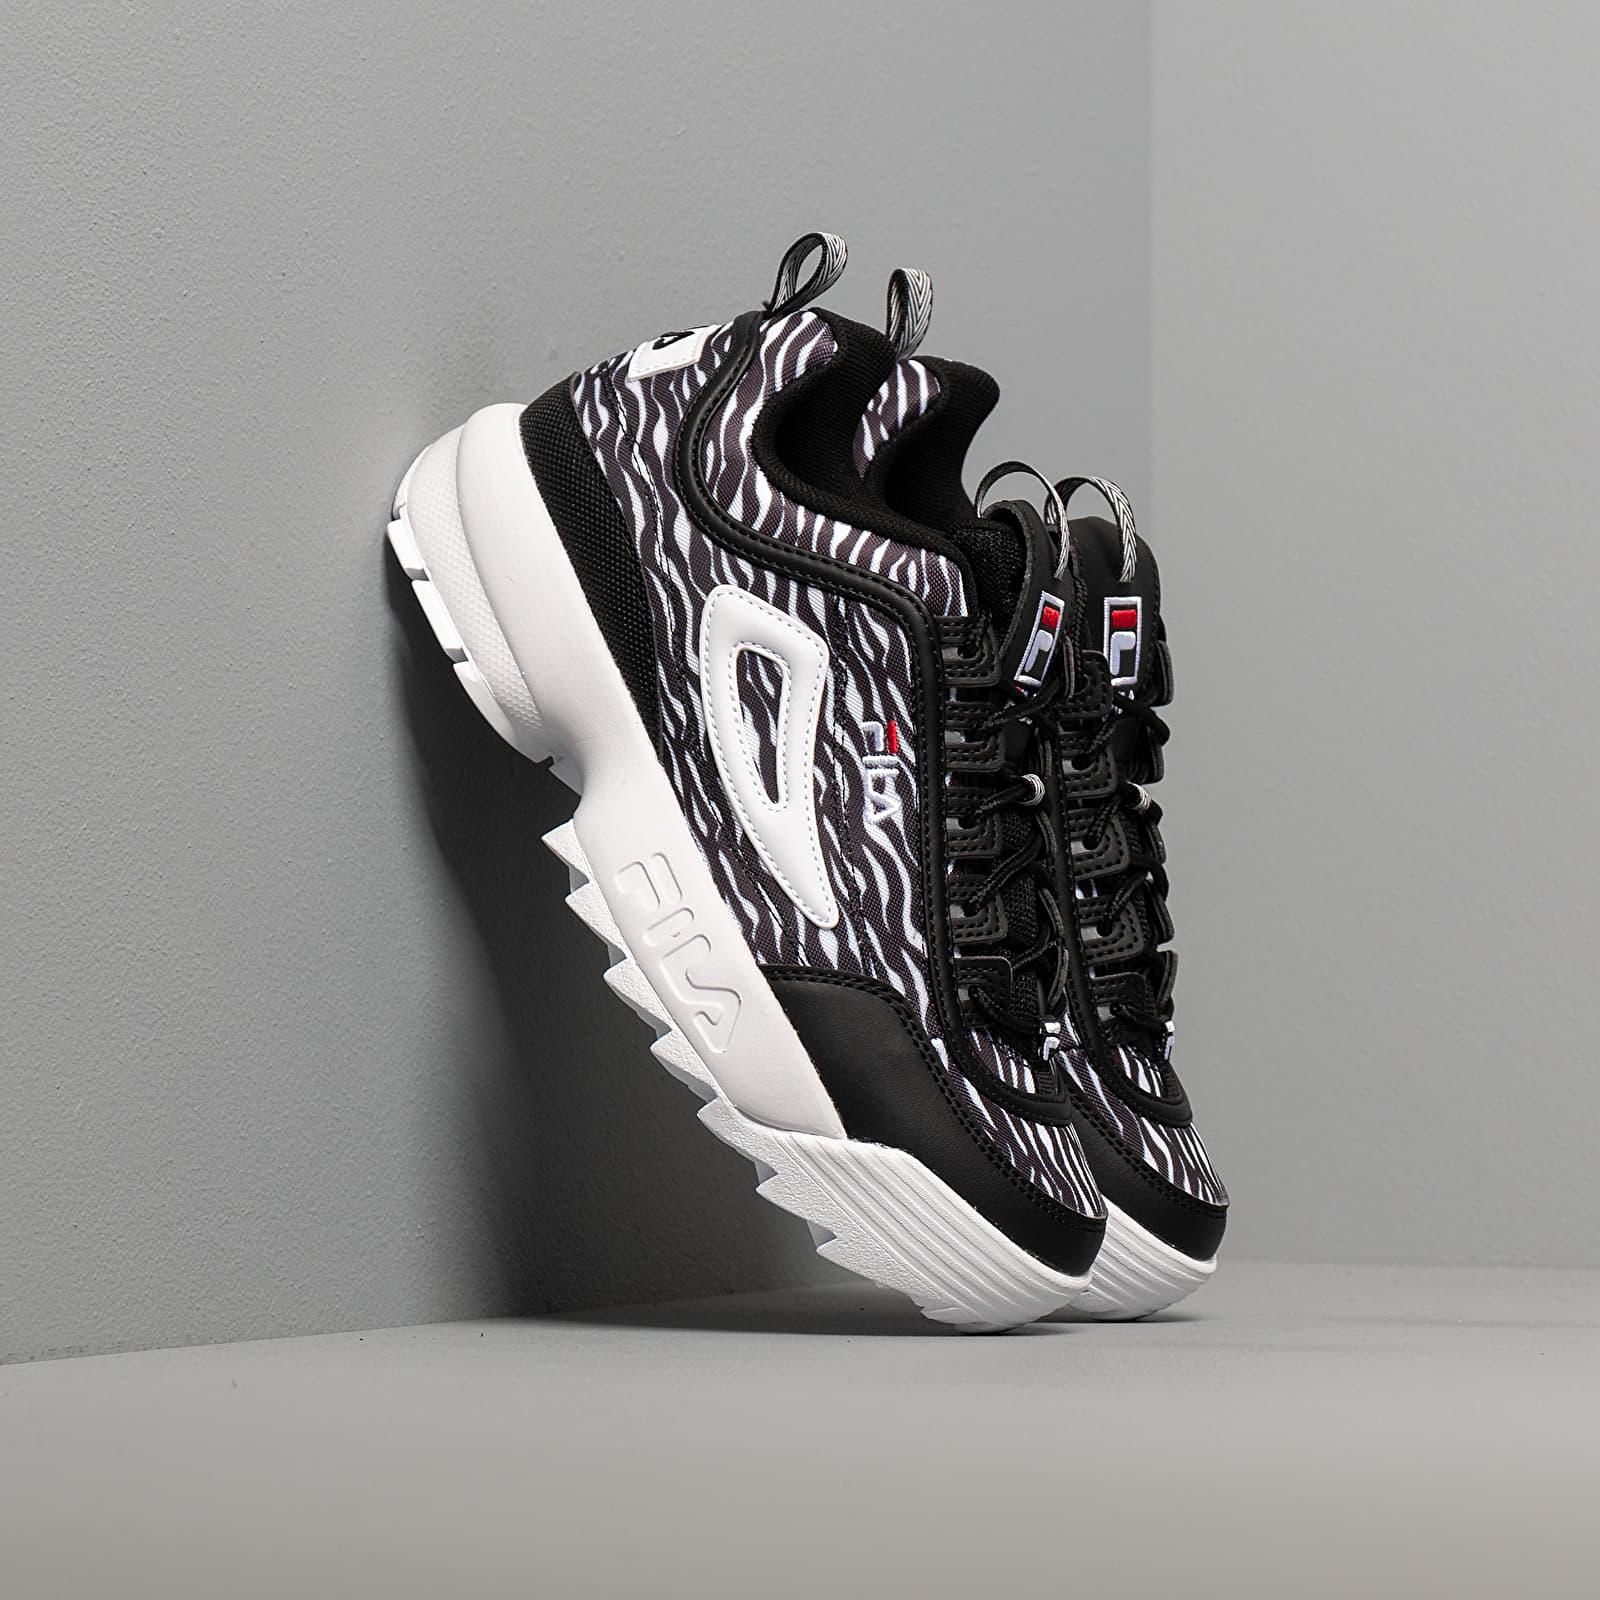 Dámské tenisky a boty Fila Disruptor Animal WMN Zebra/ Black